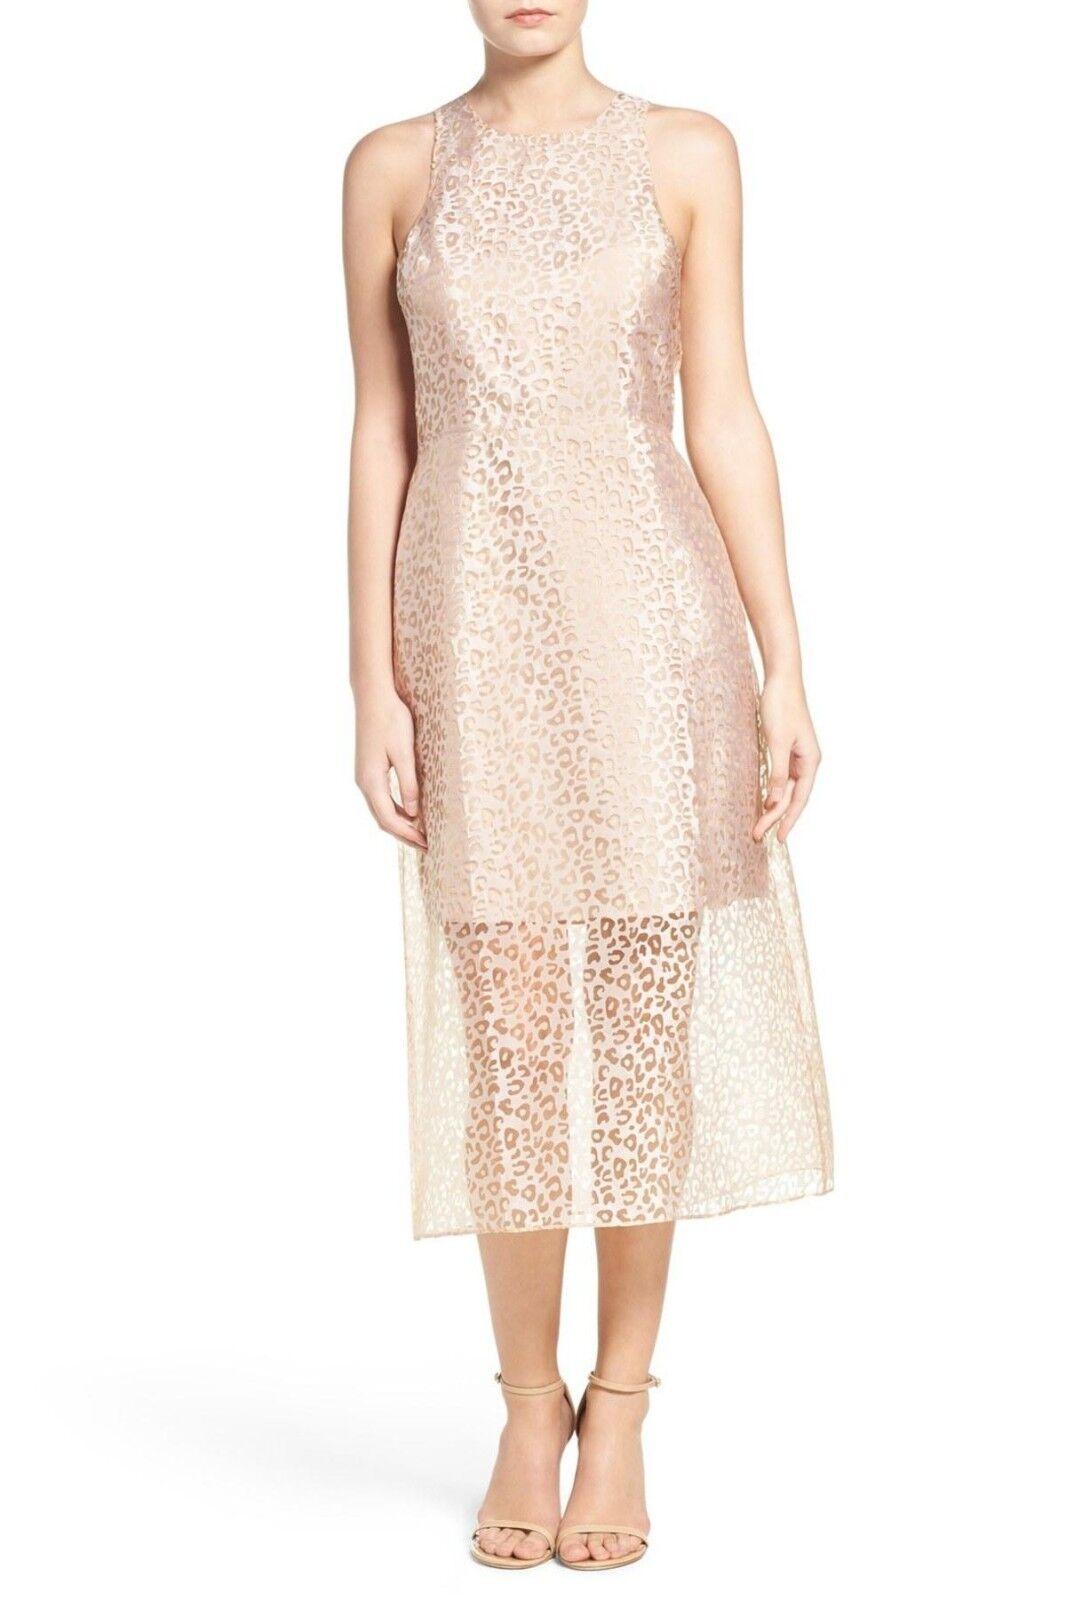 Ali & Jay Nude Beige Leopard Print Sheet Midi Sleeveless Dress Sz Medium NWT